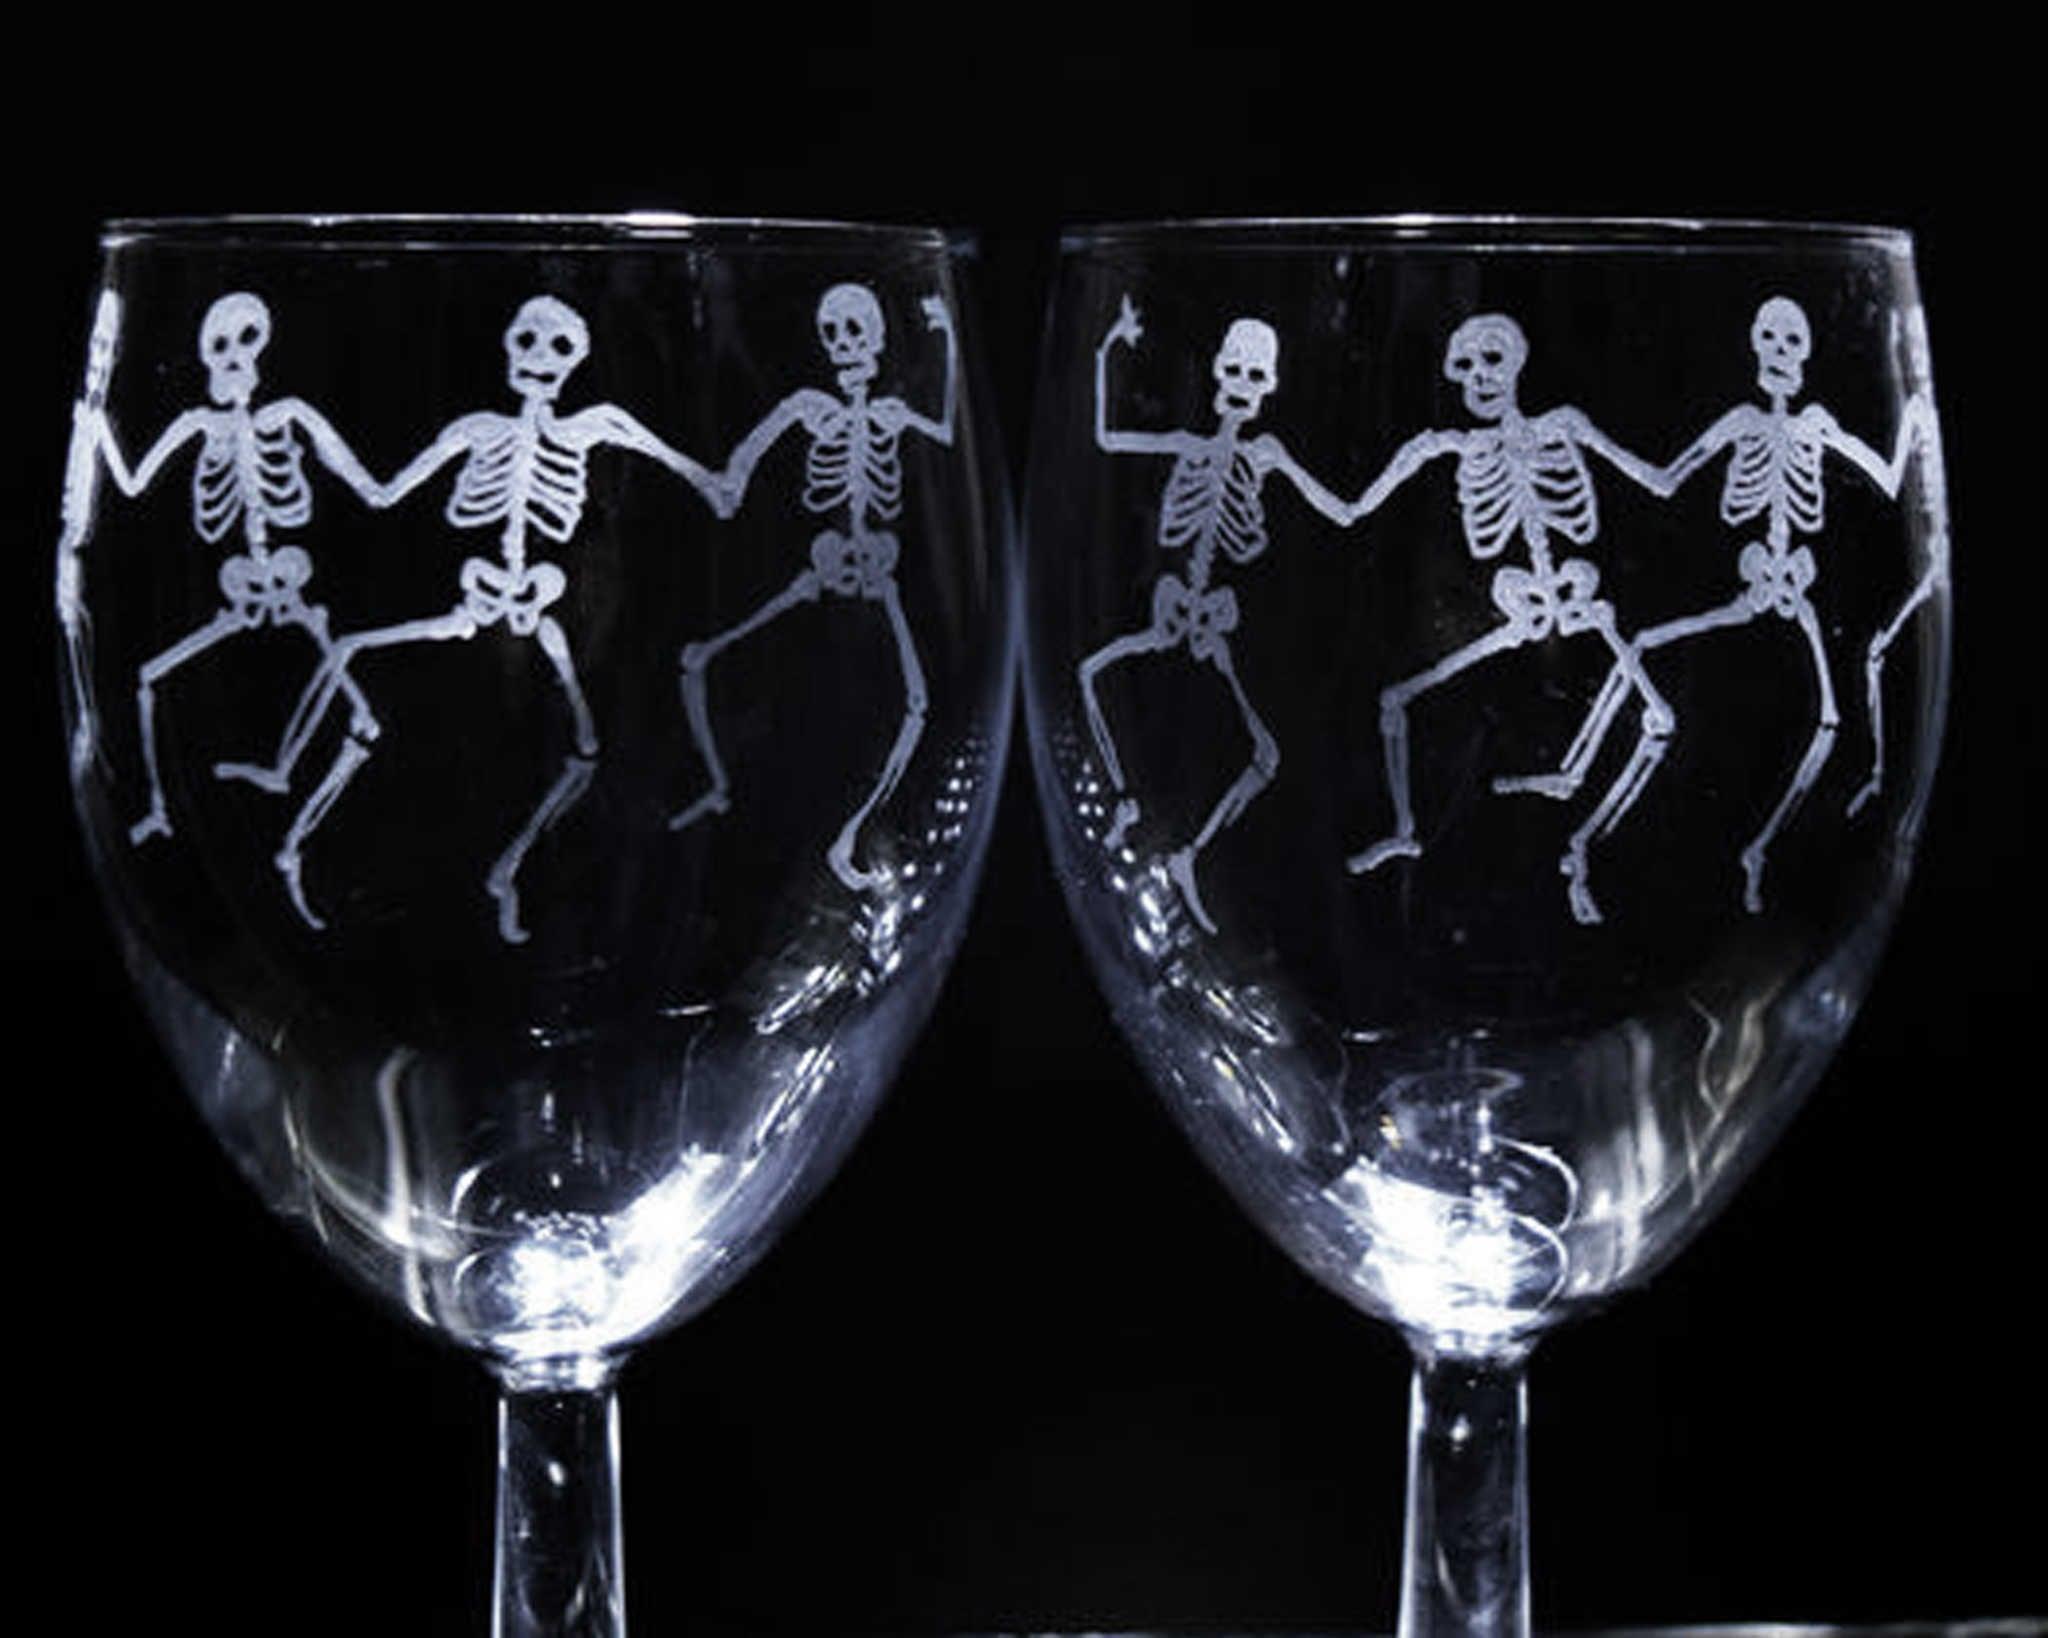 השלדים הרוקדים על כוס היין (כוס יין אחת)